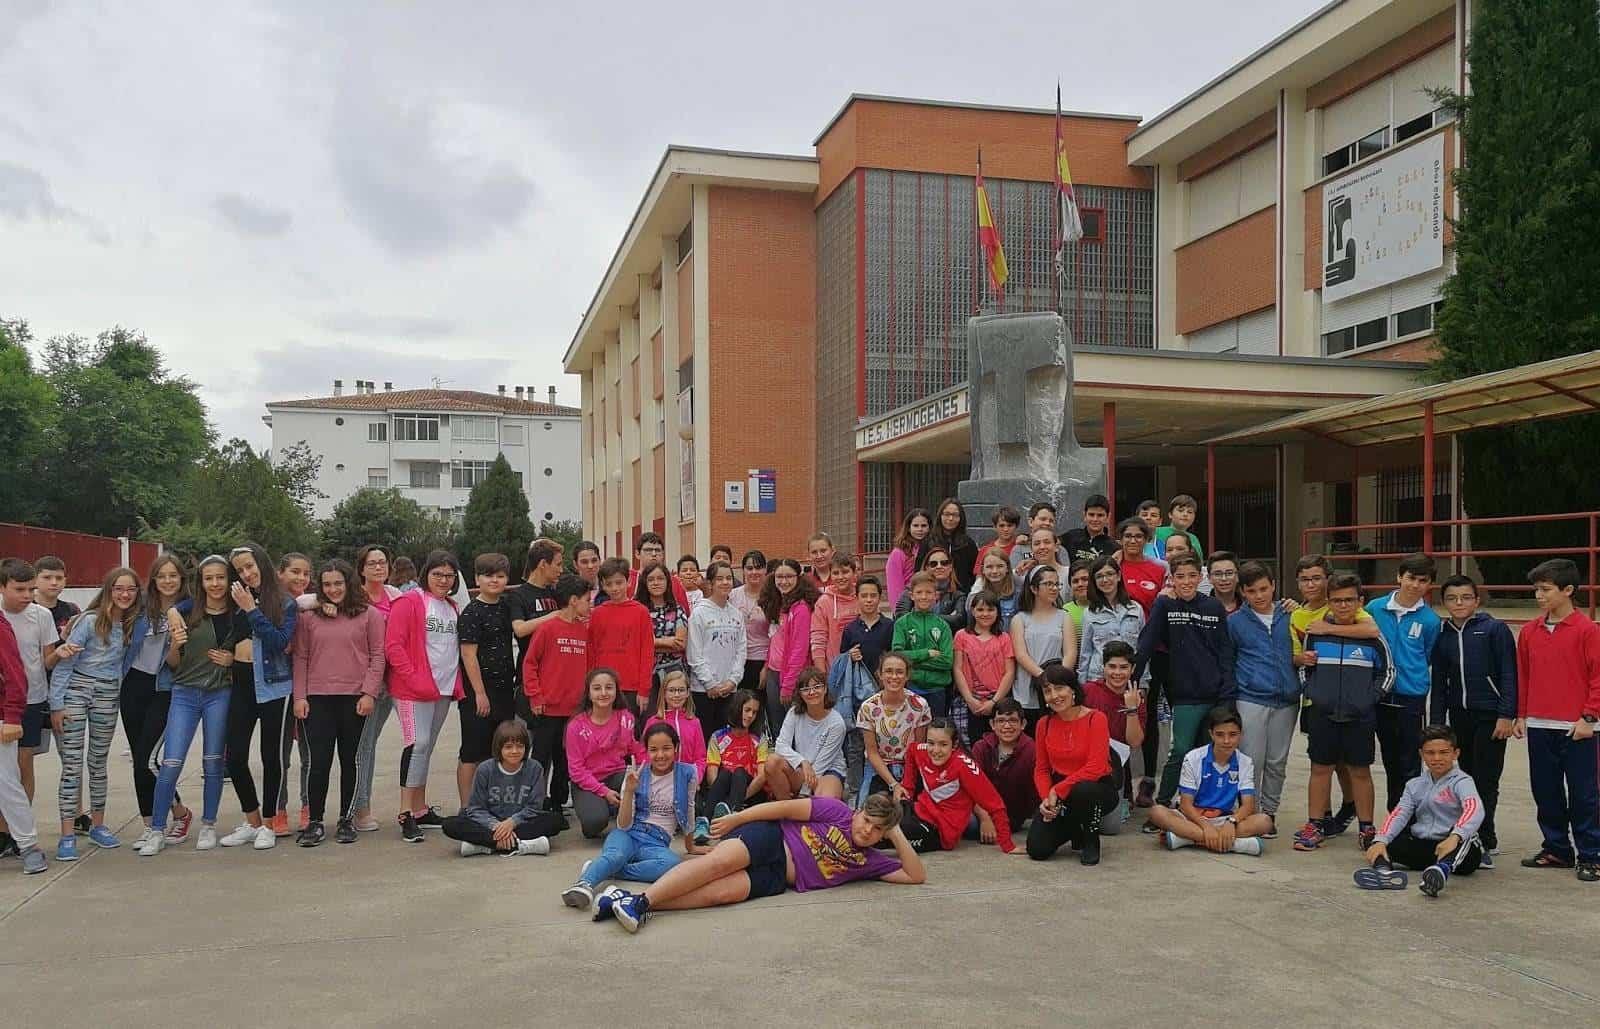 nuevo alumando hermogenez rodriguez - La responsabilidad de acoger al futuro alumnado en el IES Hermógenes Rodríguez